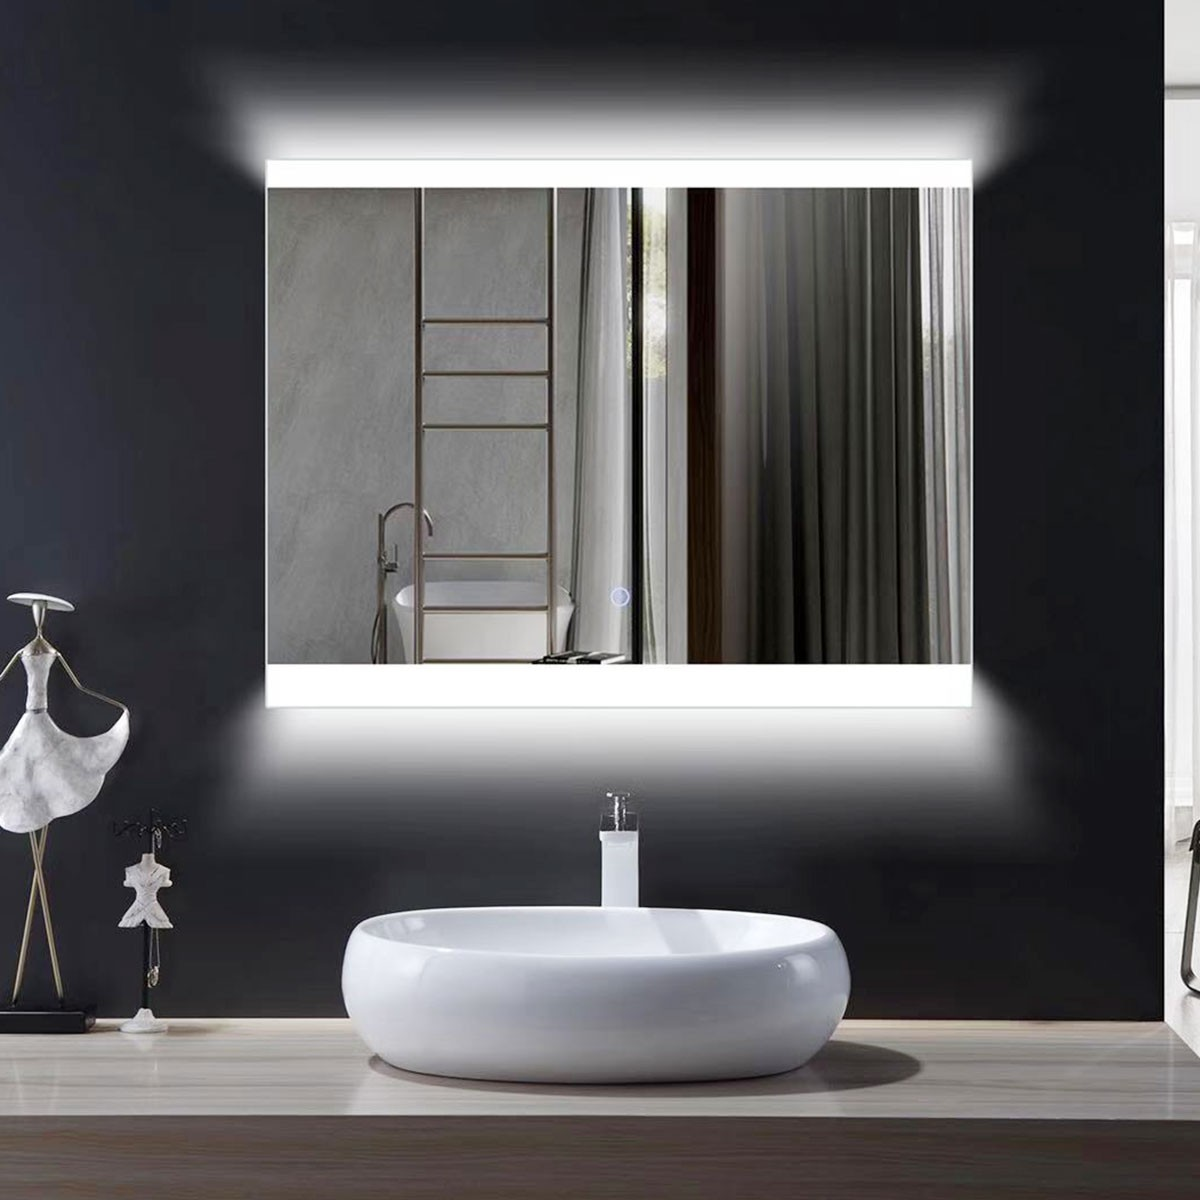 Miroir de salle de bain LED horizontal 36 x 28 po avec bouton tactile (DK-OD-CL056)